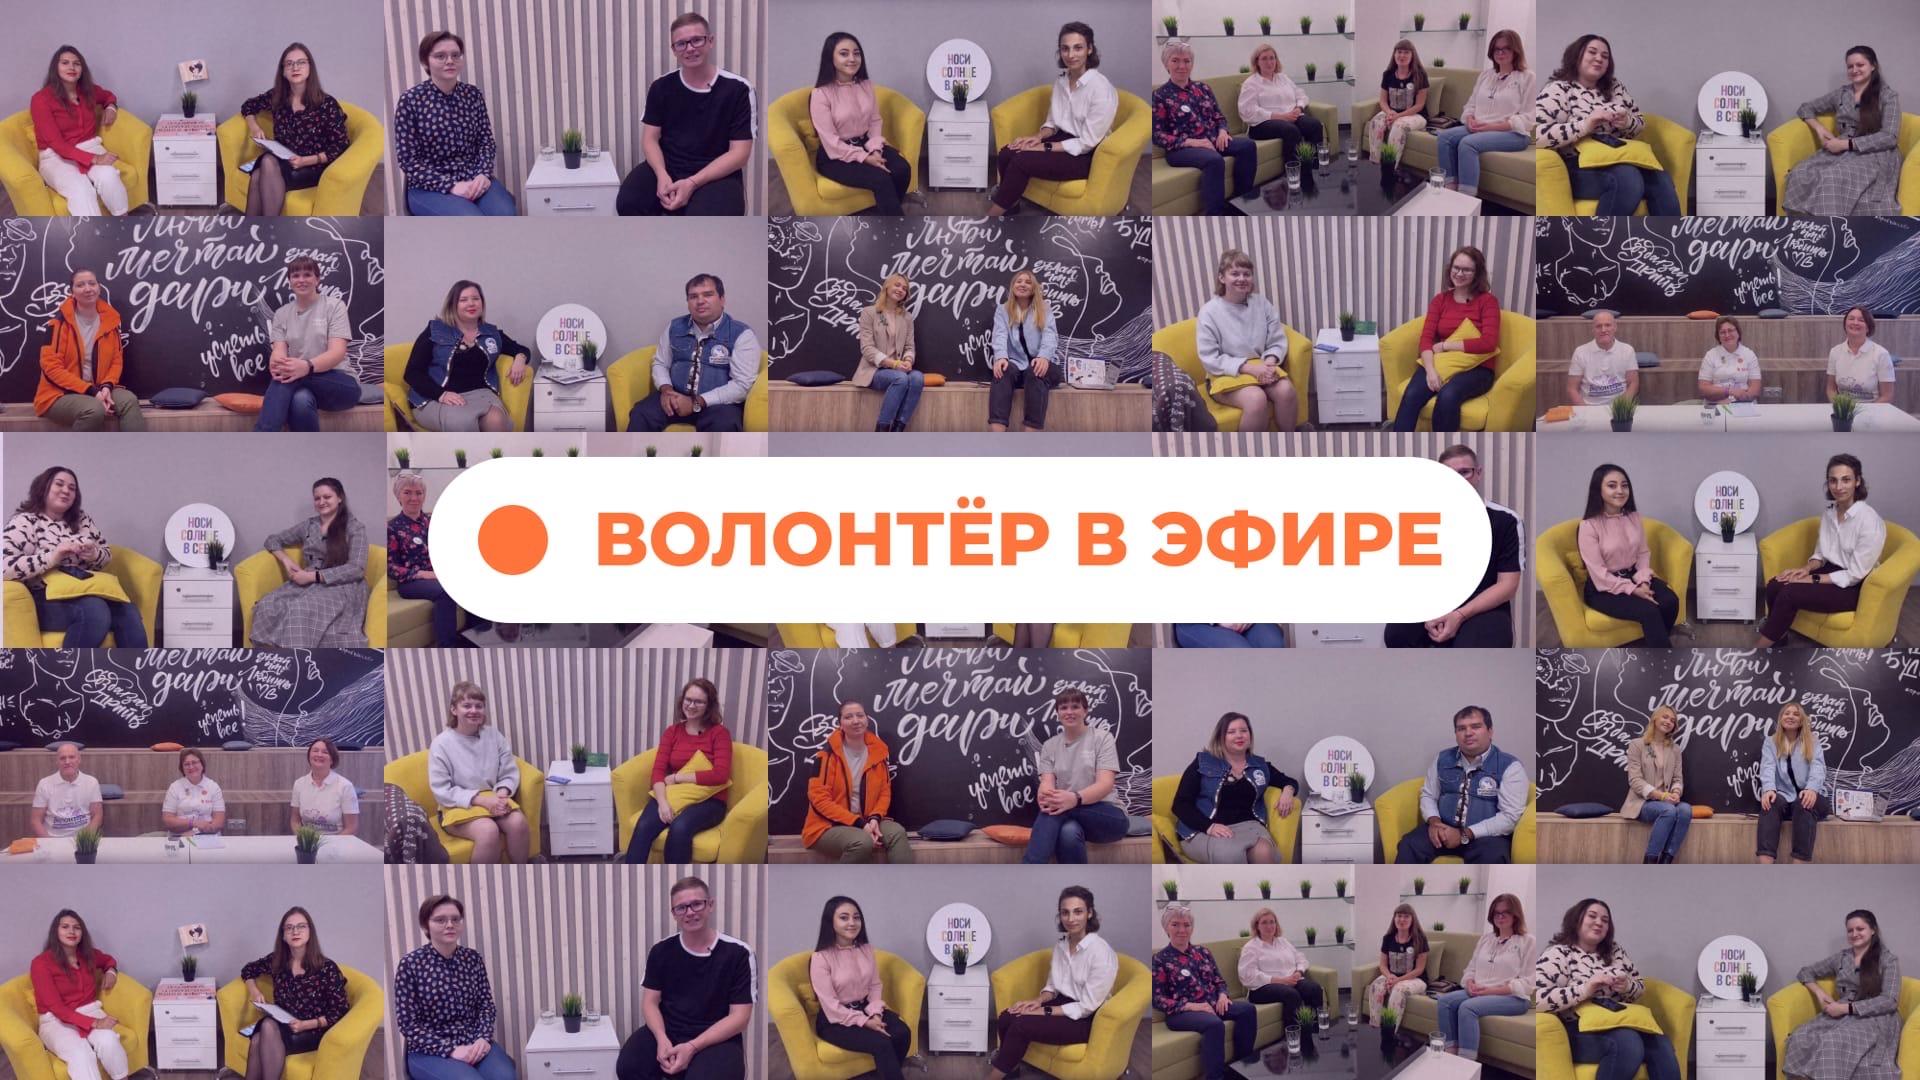 Волонтеры Самарской области в эфире